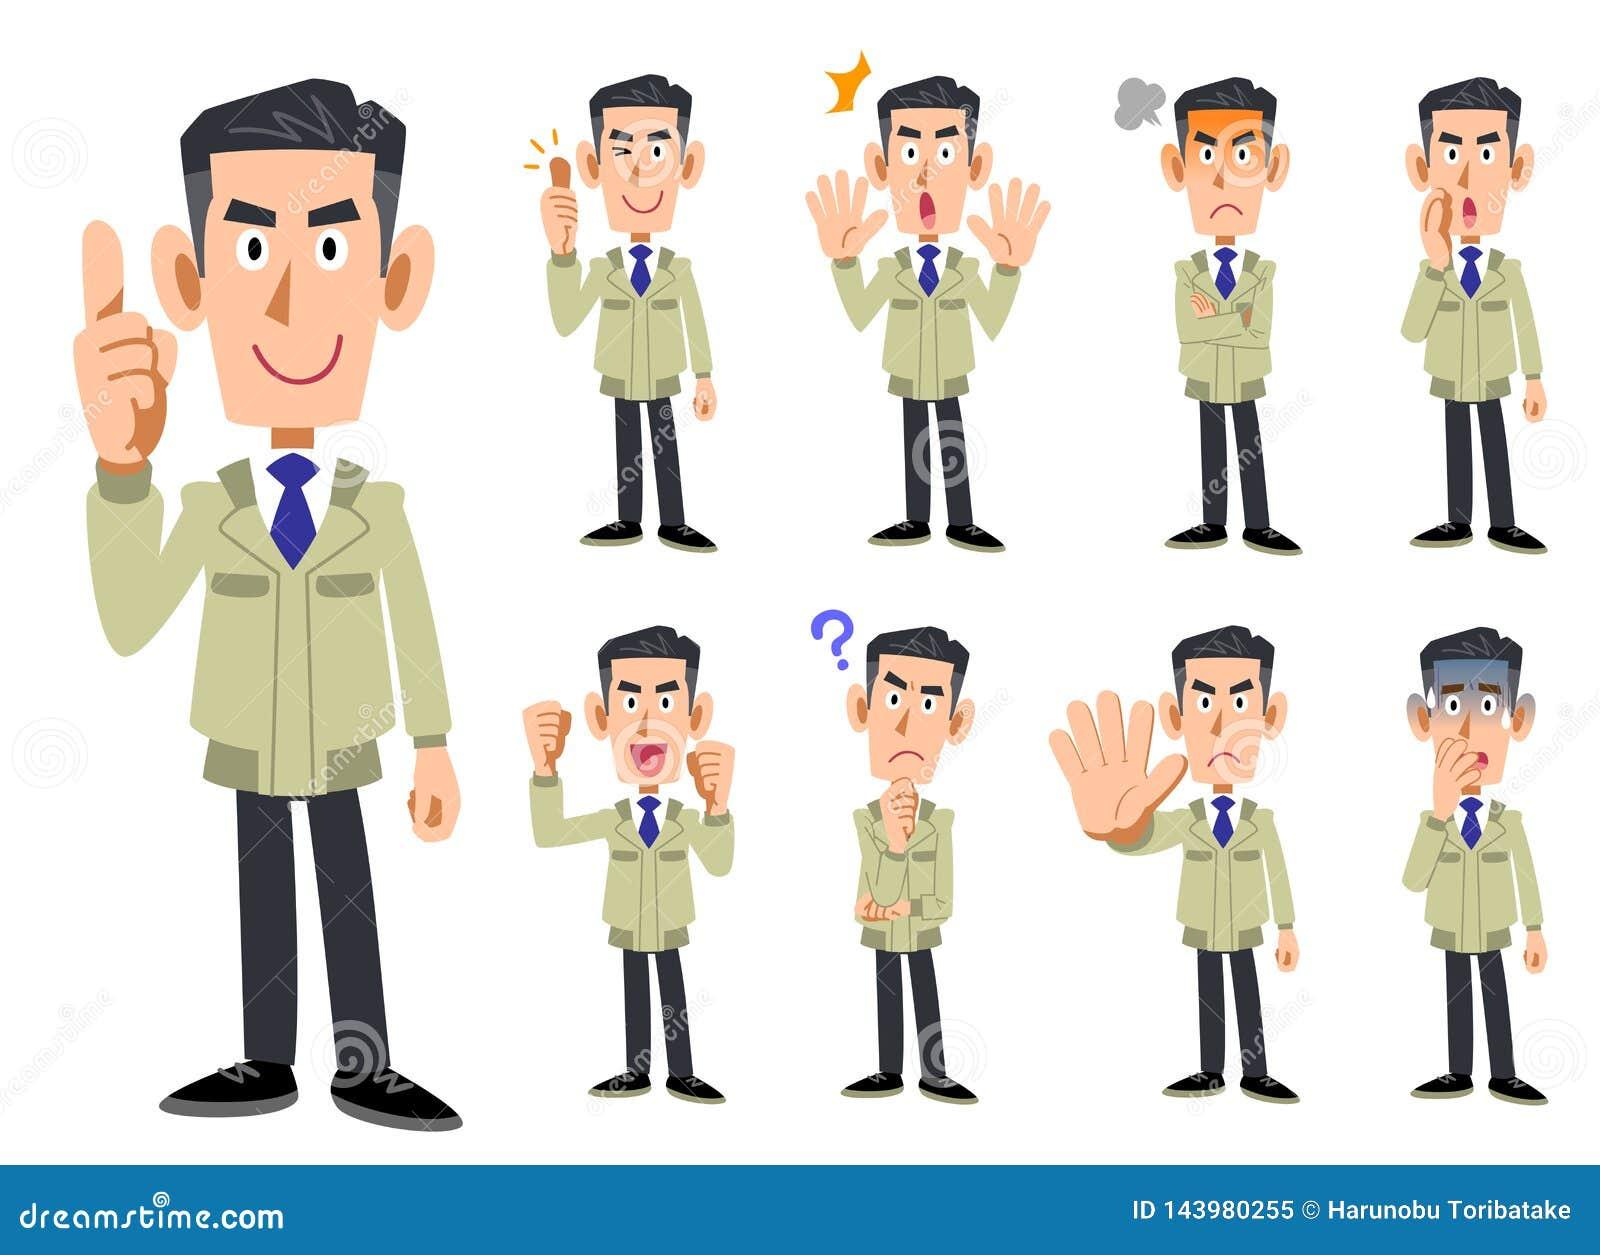 Corps supérieur d un homme portant des vêtements de travail 9 ensembles d expressions du visage et de gestes 2